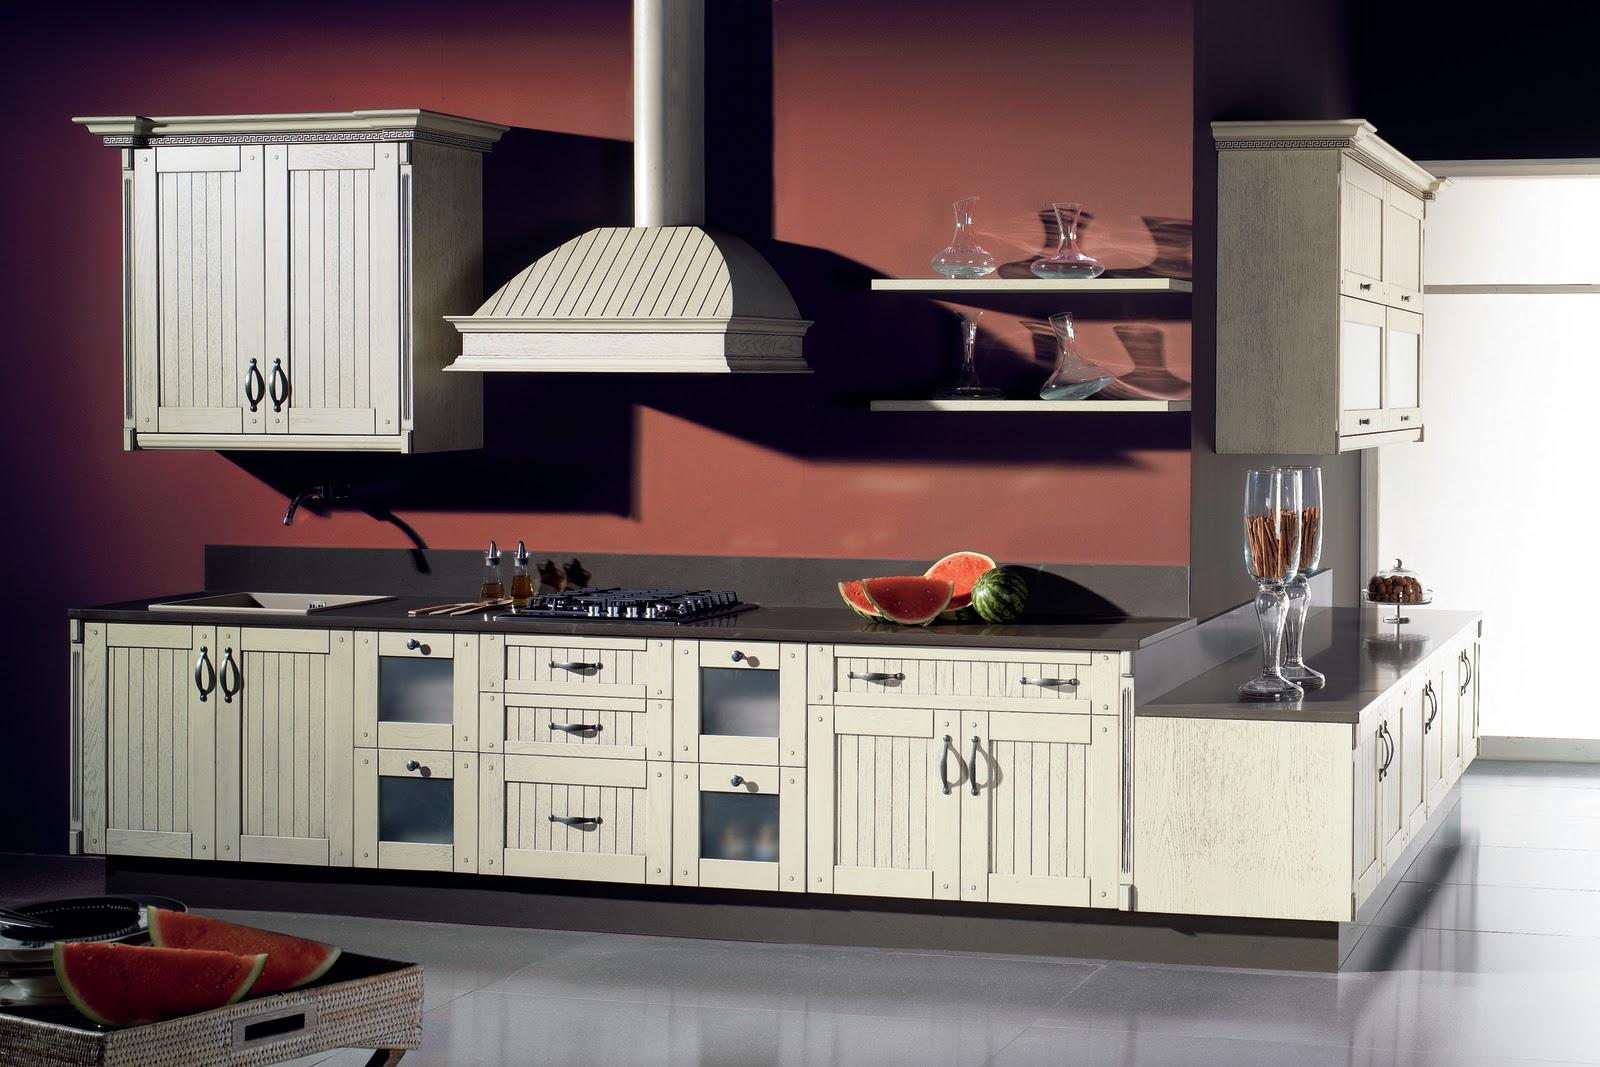 Dise a tu cocina febrero 2011 for Disena tu cocina gratis